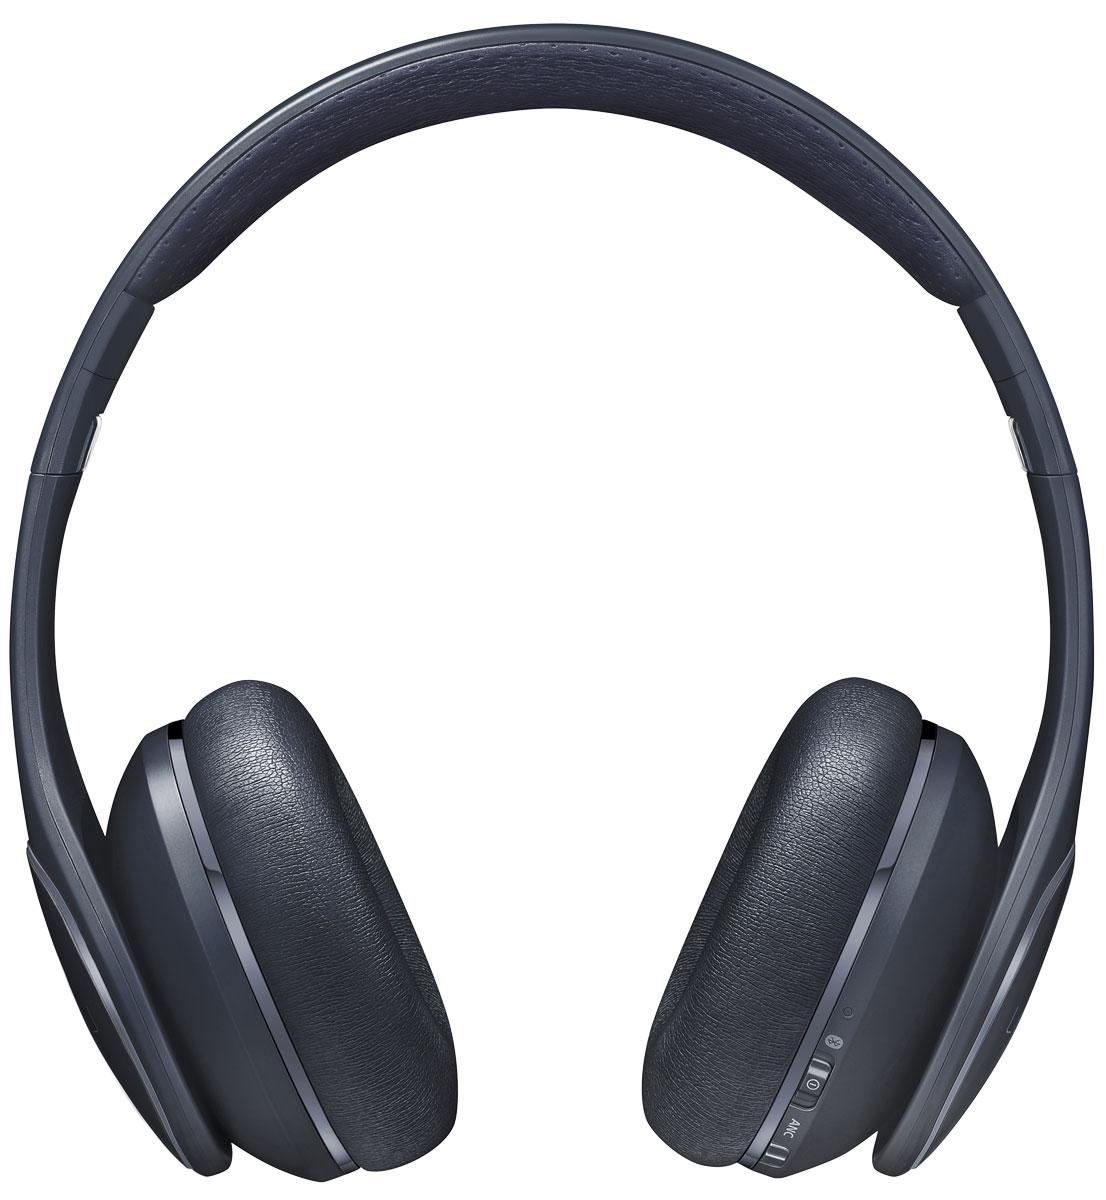 Samsung EO-PN900B Level On, Black Blue беспроводные наушникиEO-PN900BBEGRUЖизнь в современном мегаполисе течет быстро и не дает времени остановиться и отдохнуть. Поэтому, всегда приятно насладиться в дороге любимой музыкой в хорошем качестве или новинками мира кино. Именно в этом Вам поможет беспроводная Bluetooth-гарнитура Samsung EO-PN900 Гарнитура снабжена высококачественными 40 мм динамиками, которые прекрасно справляются с воспроизведением музыки даже в самом высоком качестве, а встроенные кнопки управления и микрофон позволят Вам даже не вынимать телефон из сумки или кармана для переключения песен, управления громкостью или принятия звонков. Bluetooth версии 3.0 обеспечивает прекрасное качество соединения и скорость передачи данных, что позволяет добиться великолепного качества звука Великолепный стильный дизайн Samsung EO-PN900 не только прекрасно выглядит, но и, благодаря использованию самых качественных материалов, очень надежен и прочен. Приятные мягкие амбушюры и оголовье не сильно давят на уши и...